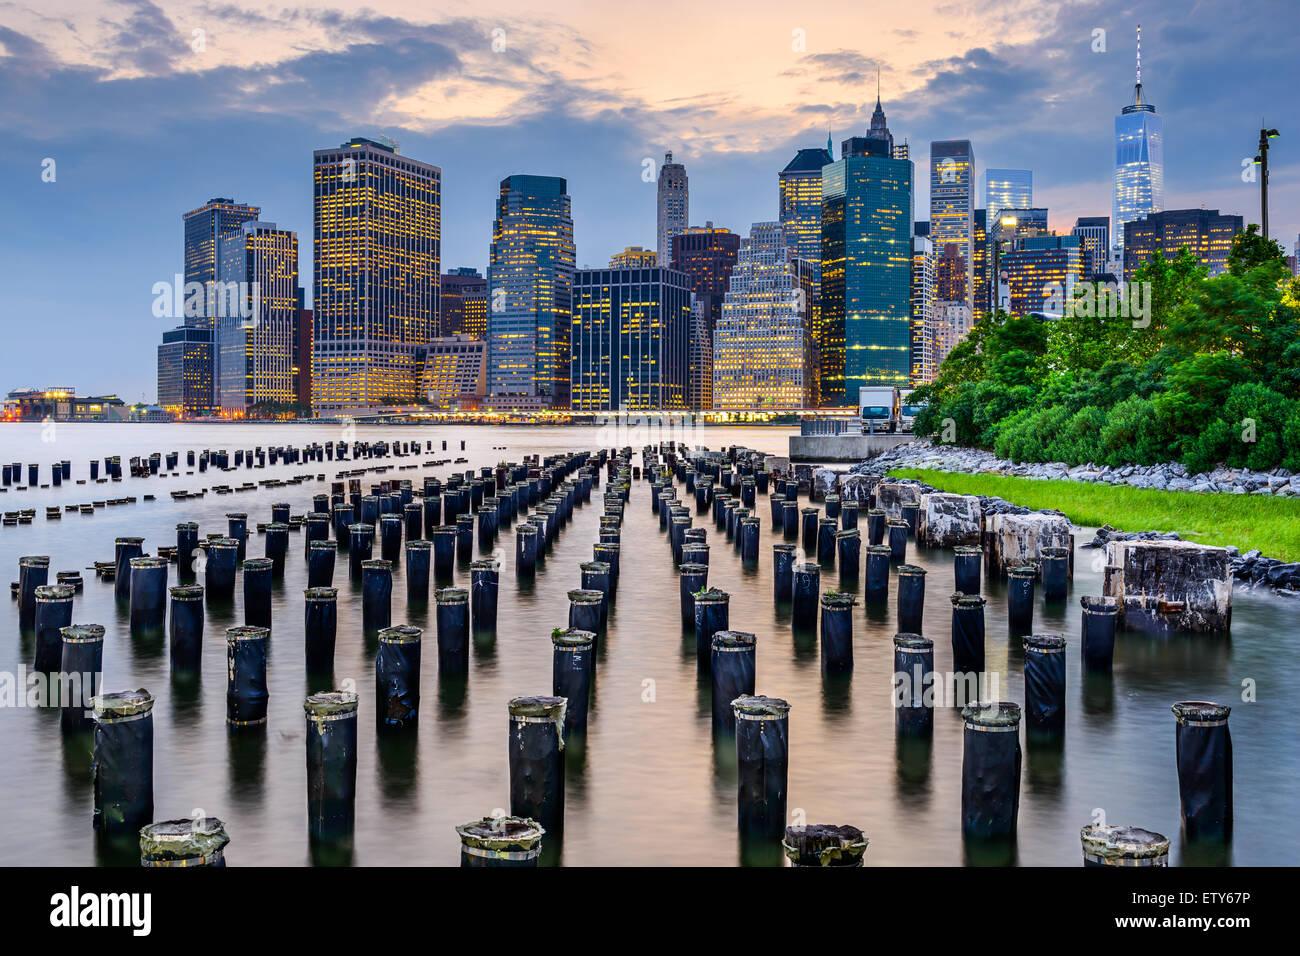 La Ciudad de Nueva York, EE.UU. ciudad en el East River. Foto de stock